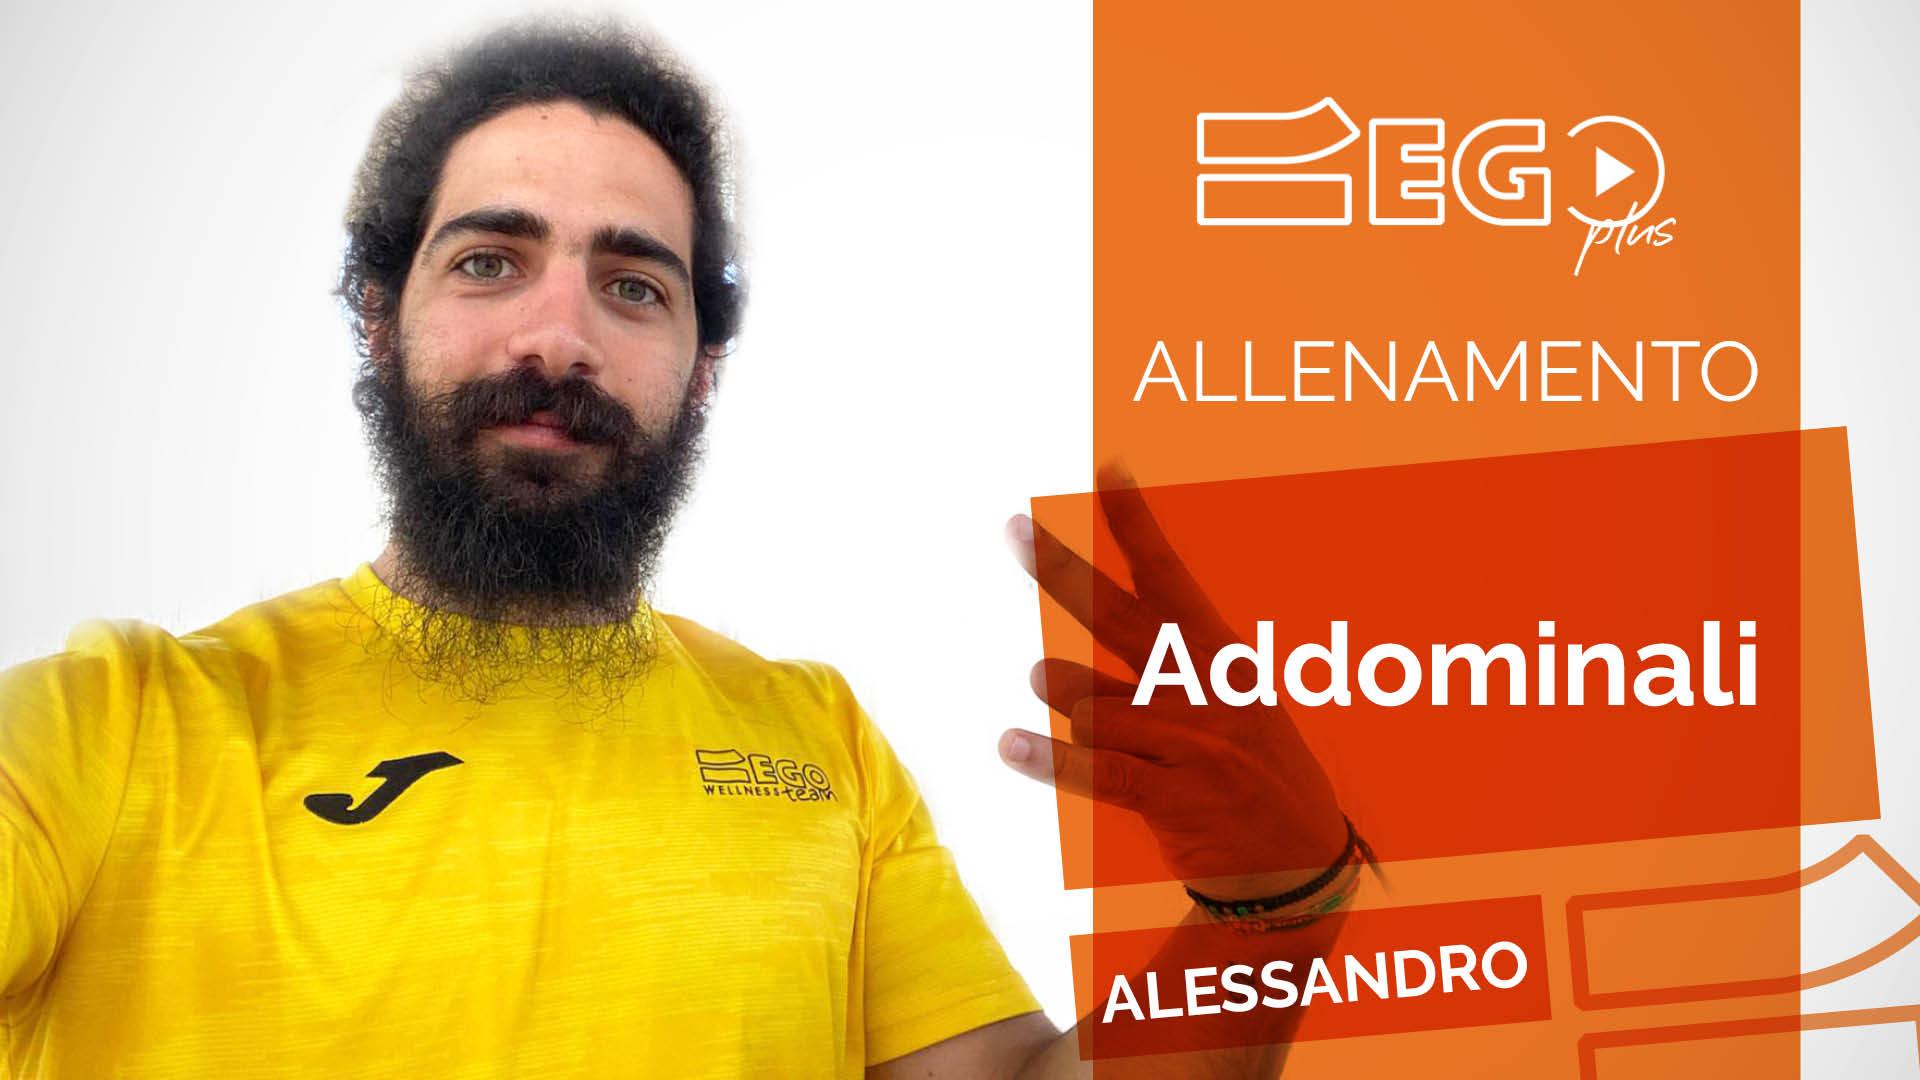 Alessandro Addominali